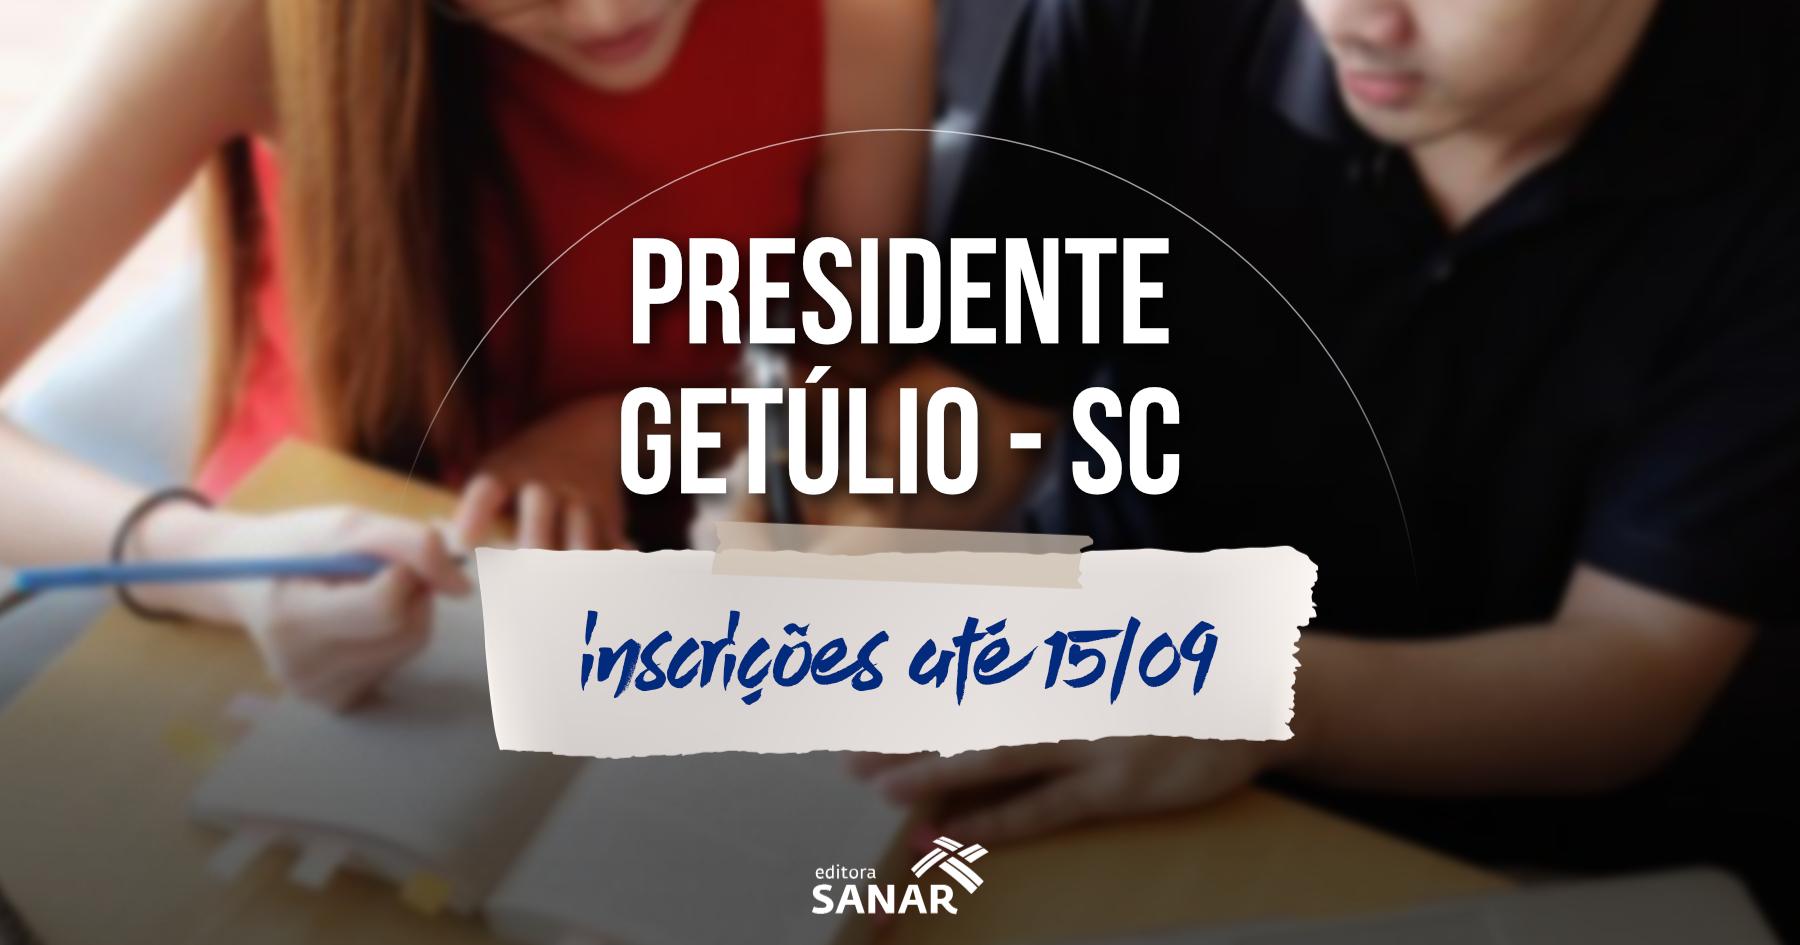 Concurso e Seleção | Presidente Getúlio (SC) divulga editais